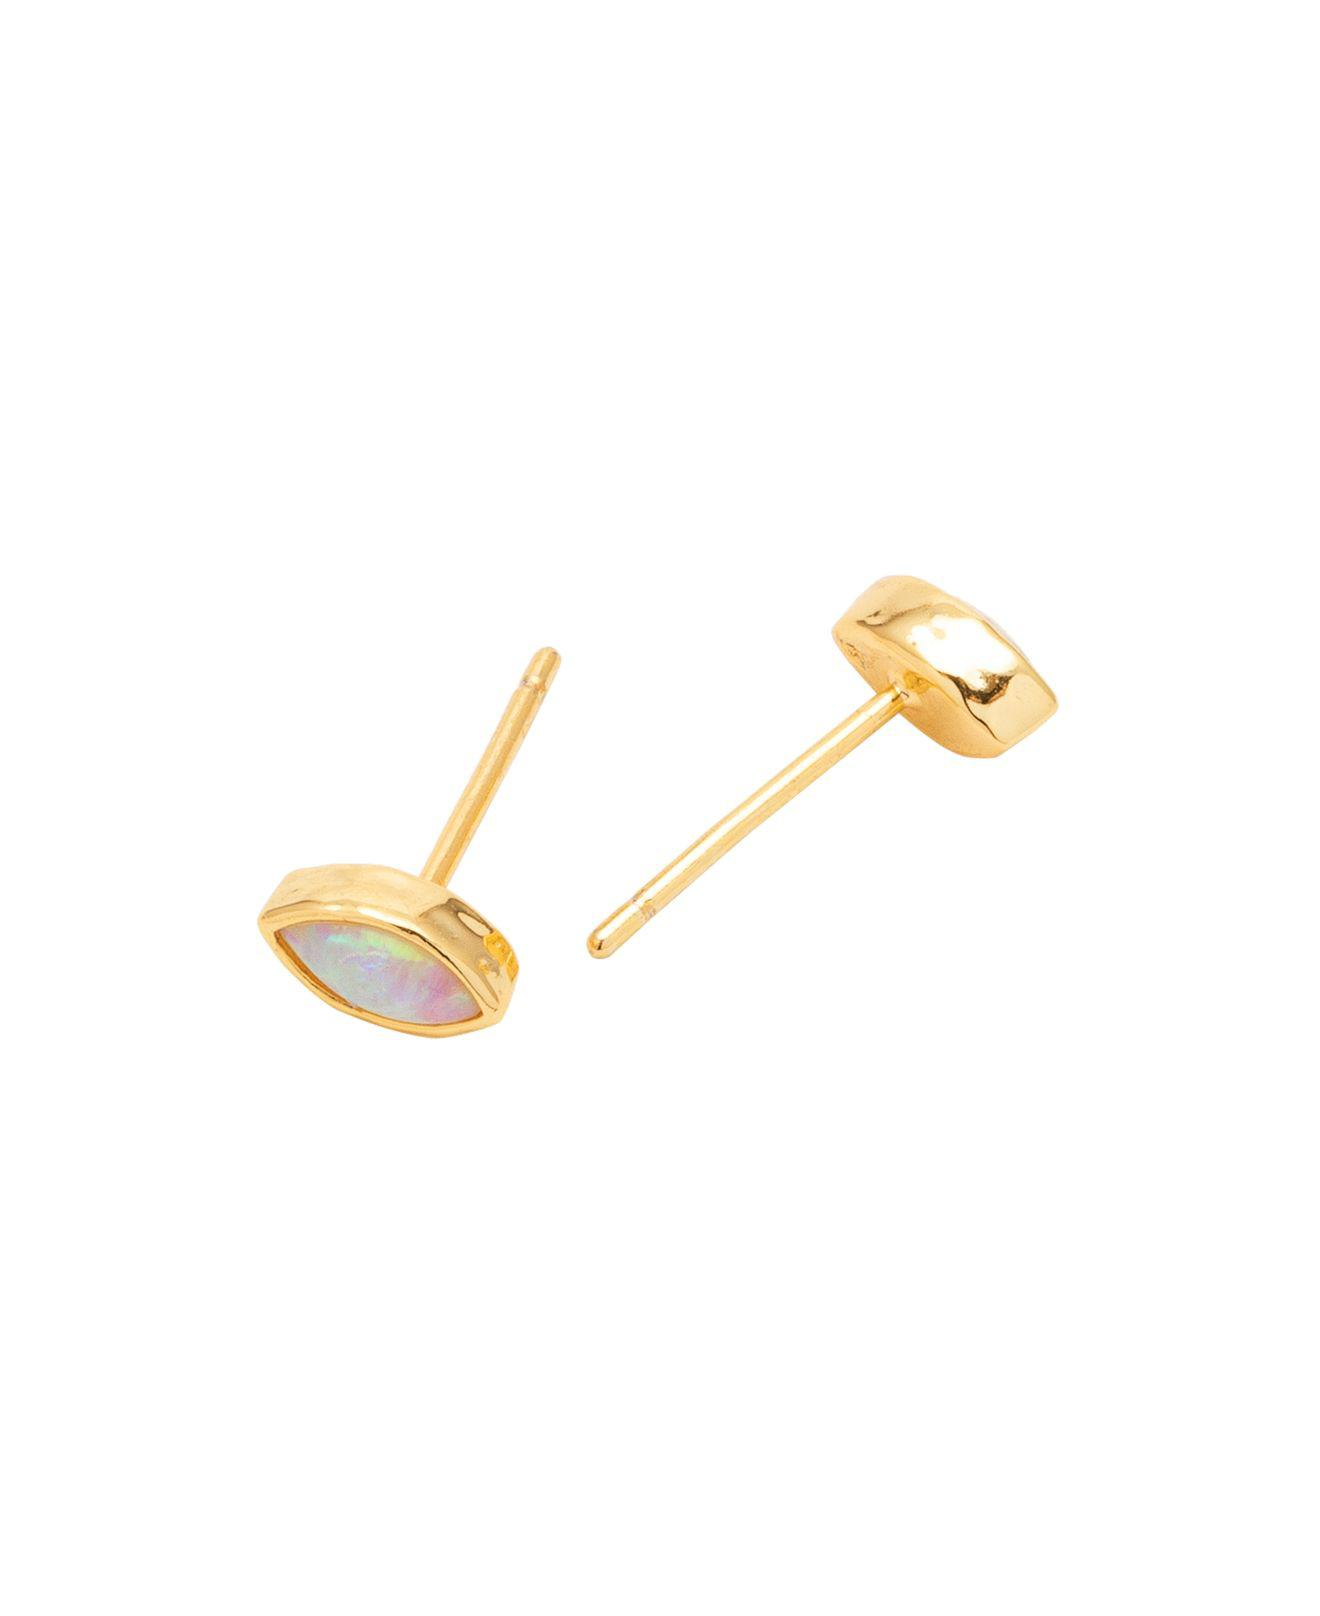 Rumi Studs in Metallic Gold Gorjana LzVG30HP